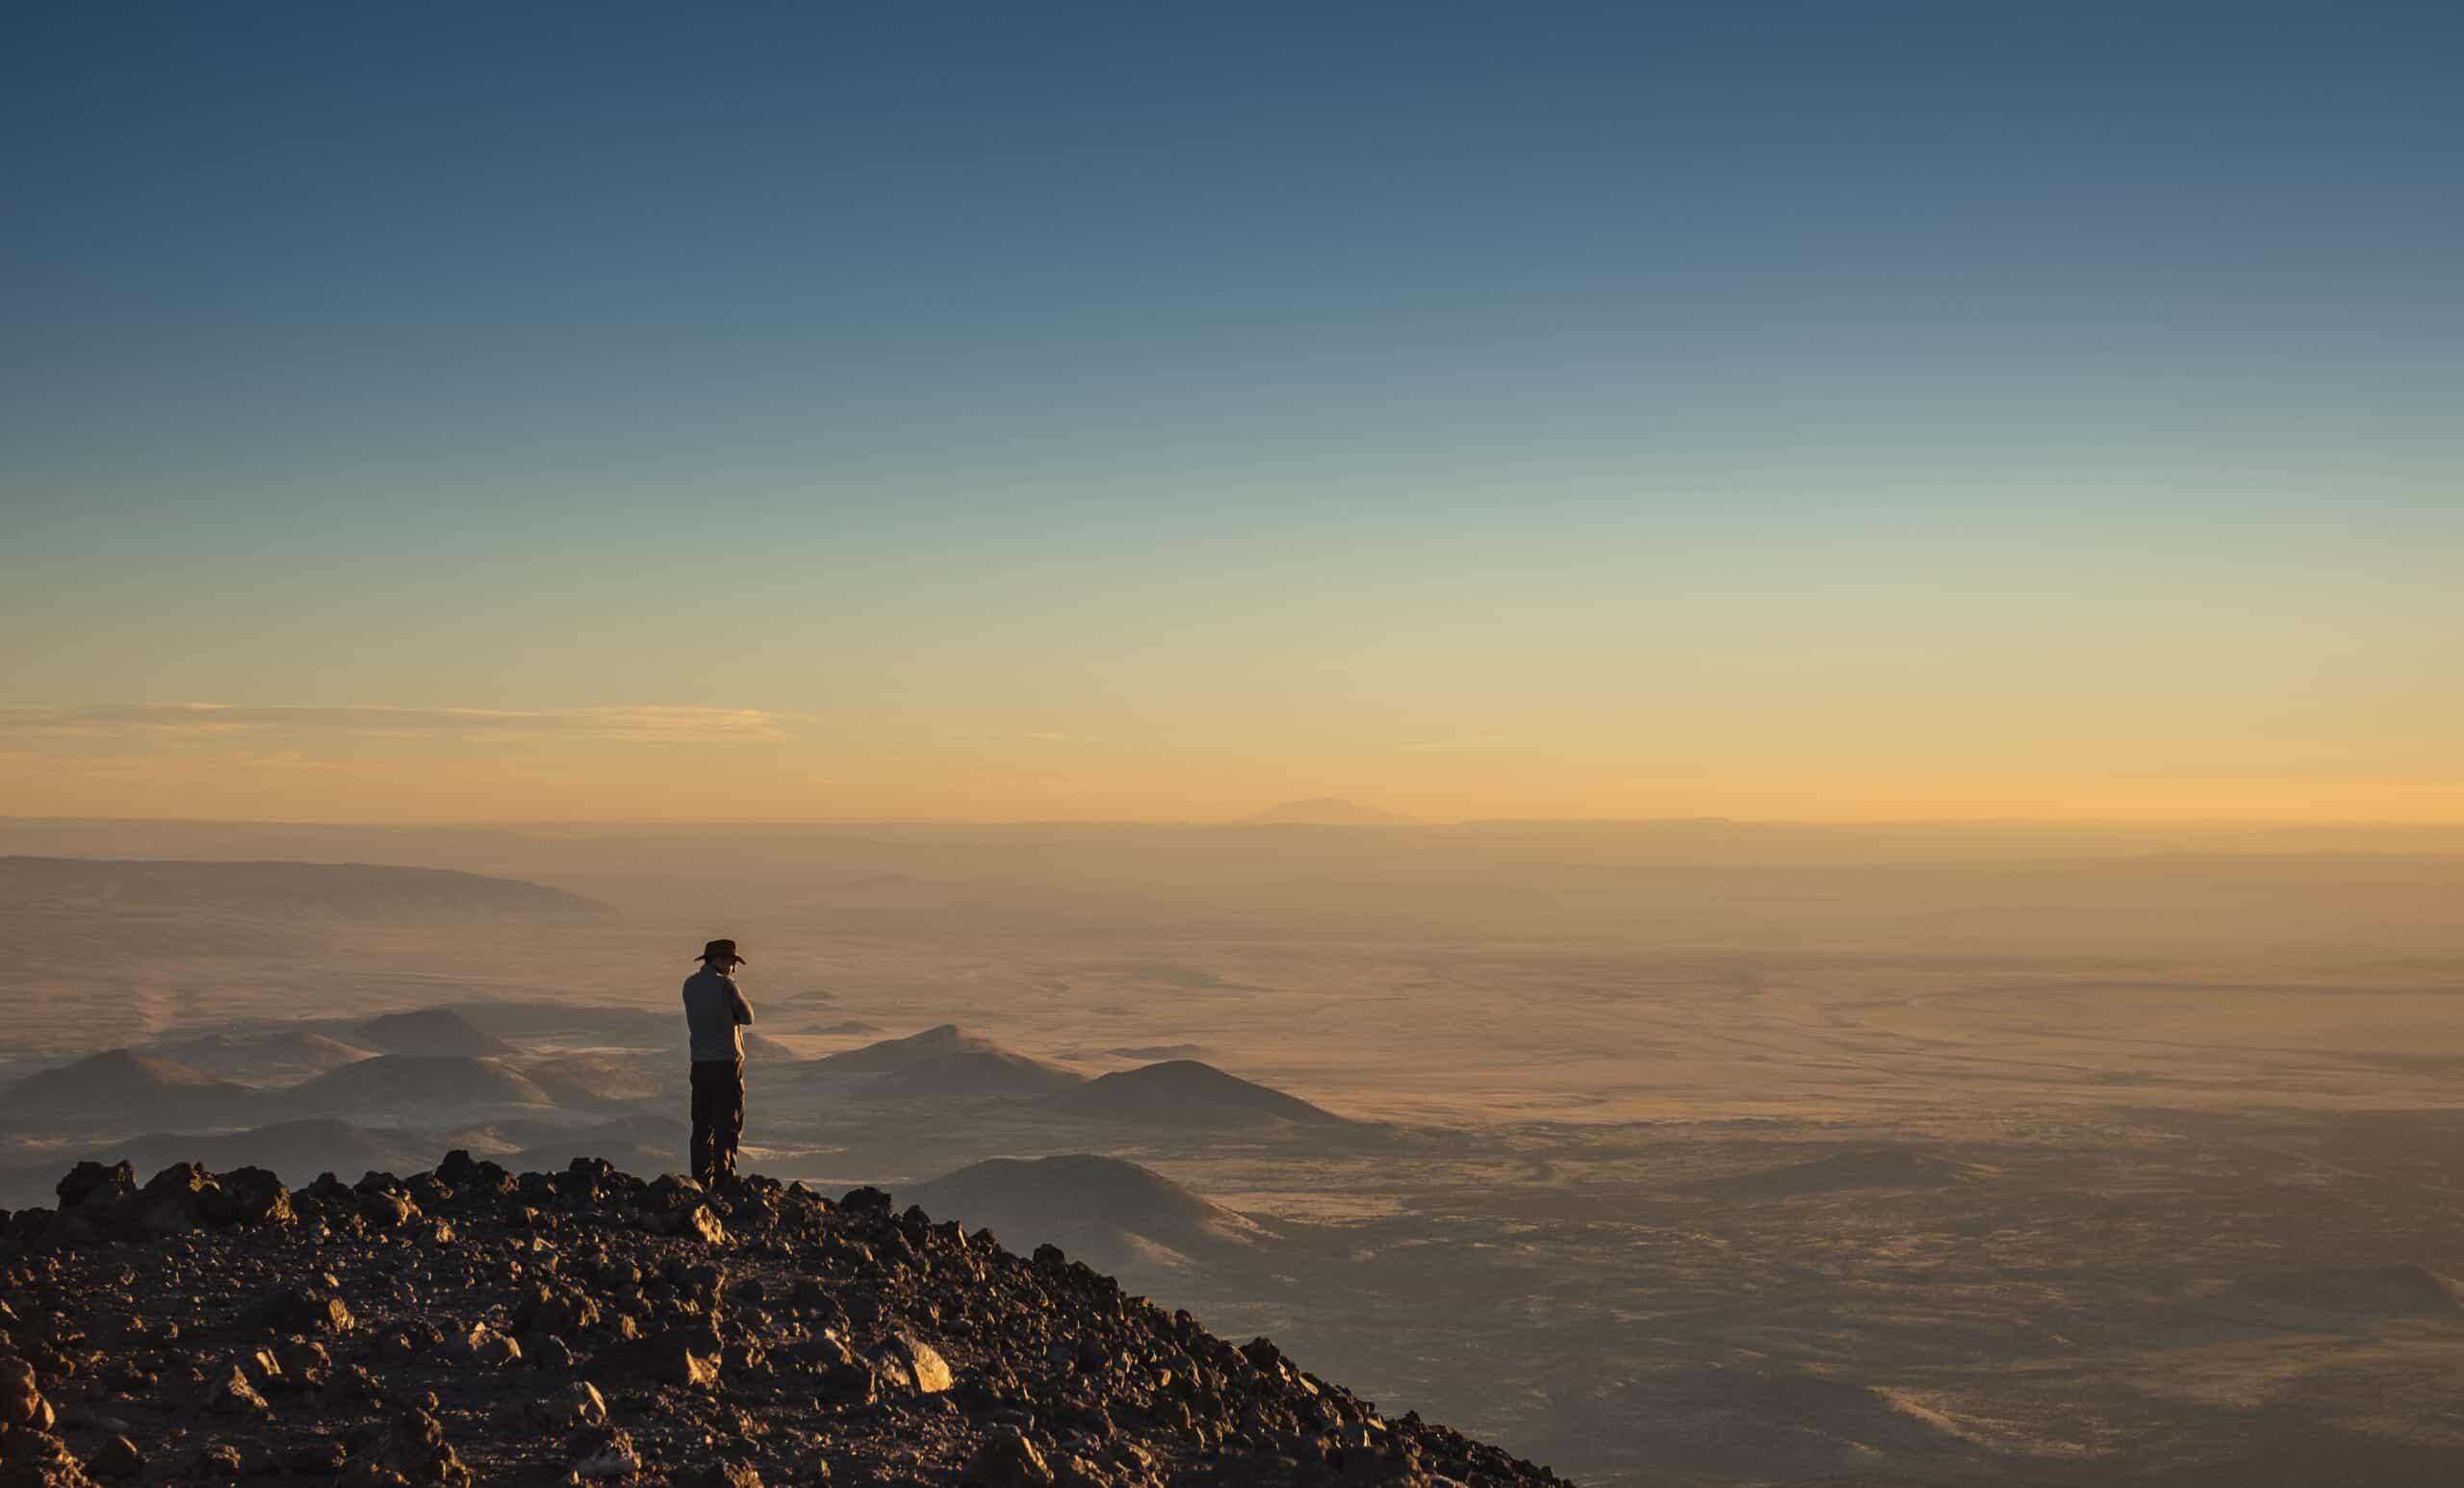 Humphreys trail peak sunset mountain hiking